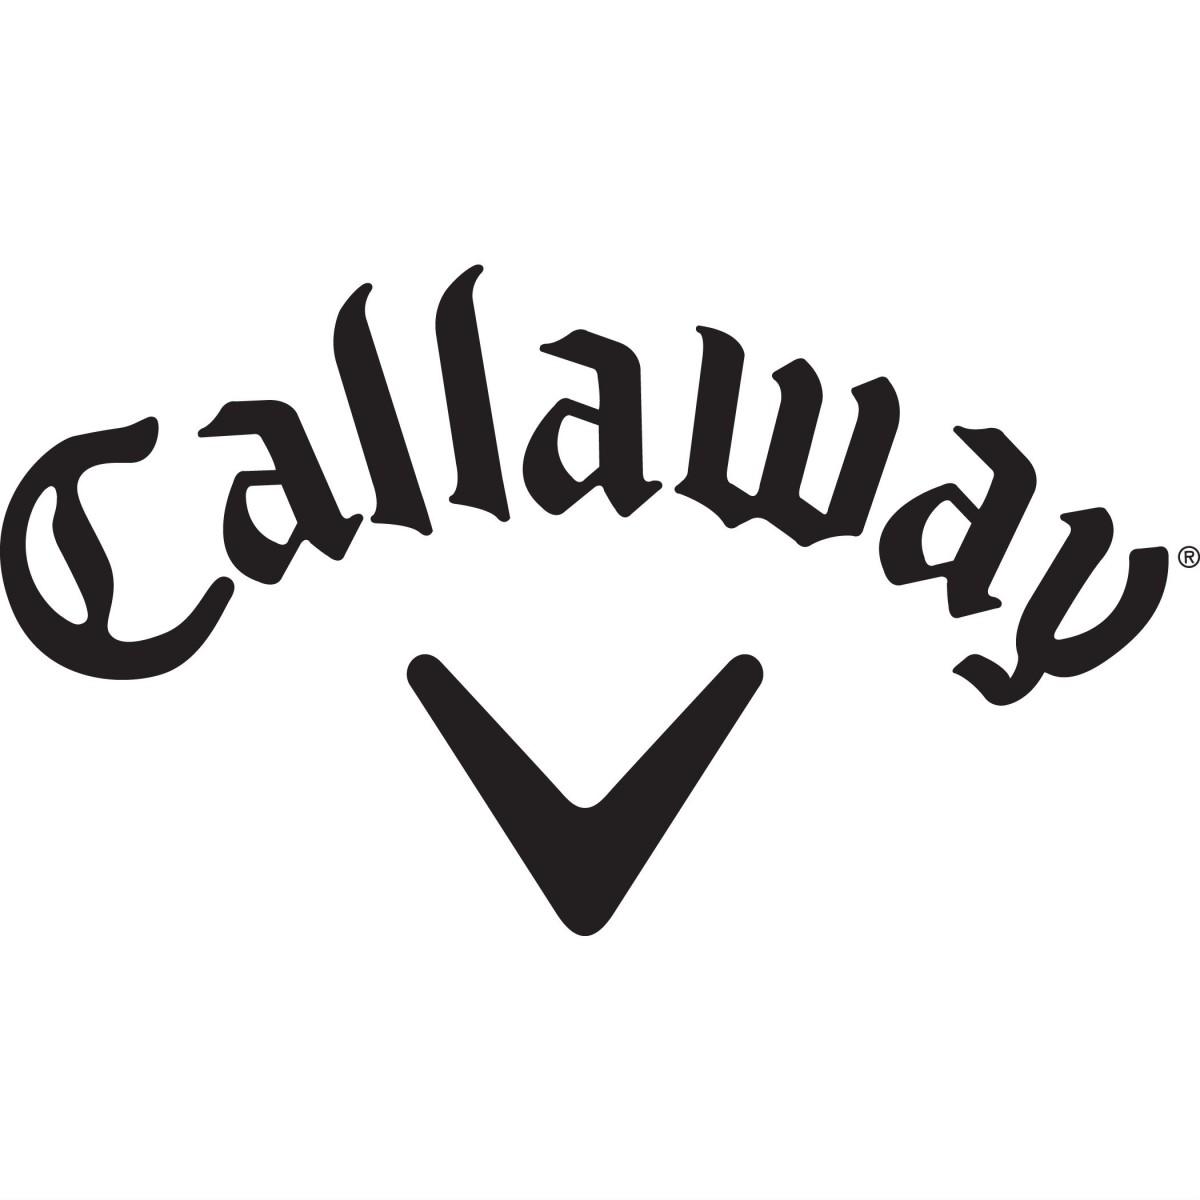 CallawayLogo.jpg.11c126fae5e7b38e735302b8328df98e.jpg